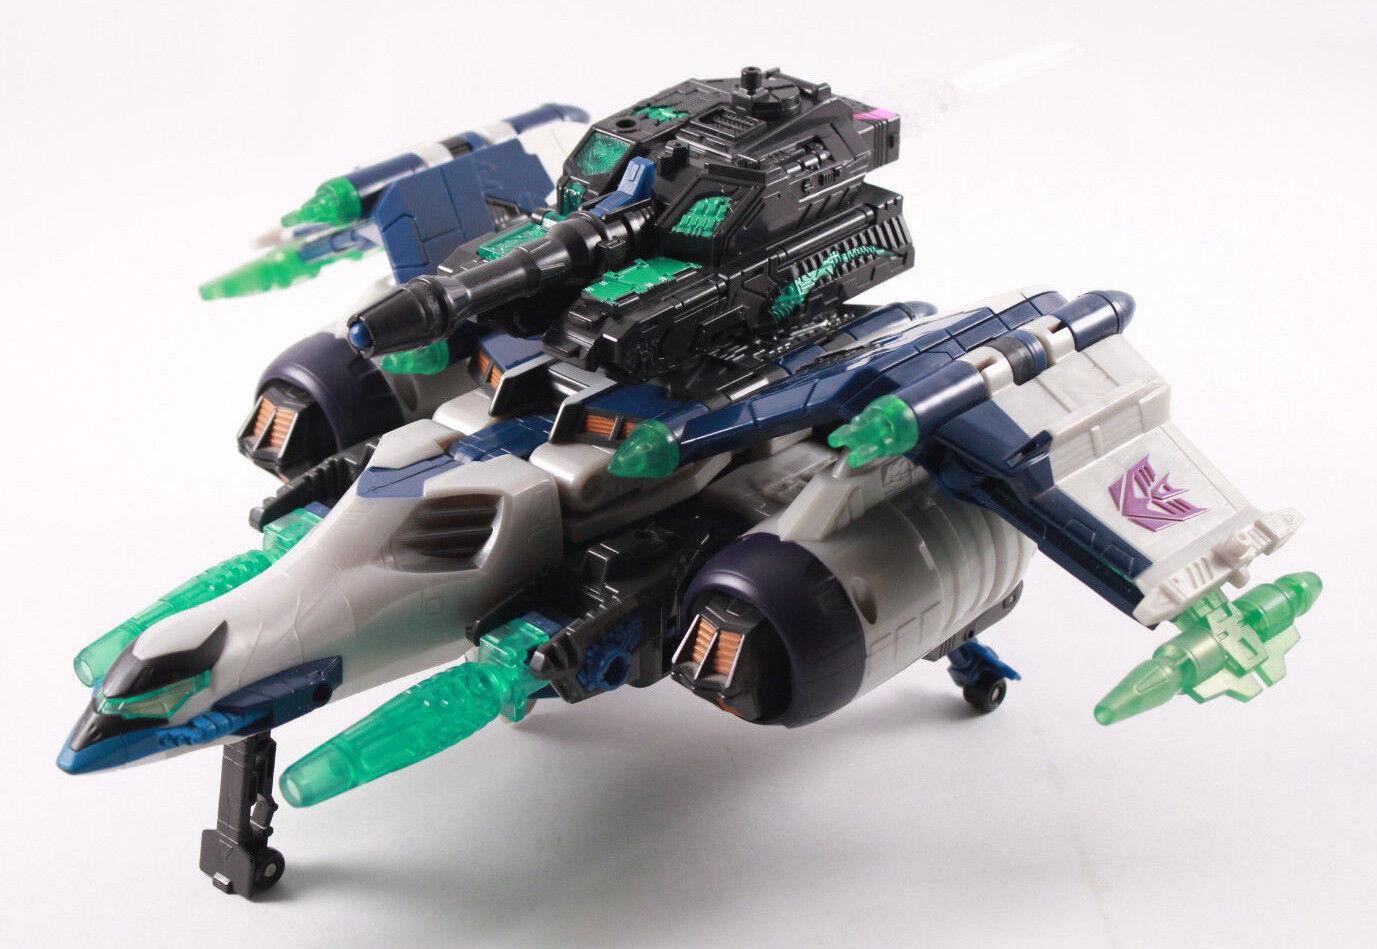 2003 Transformers Megatron Energon Hasbro Suelto